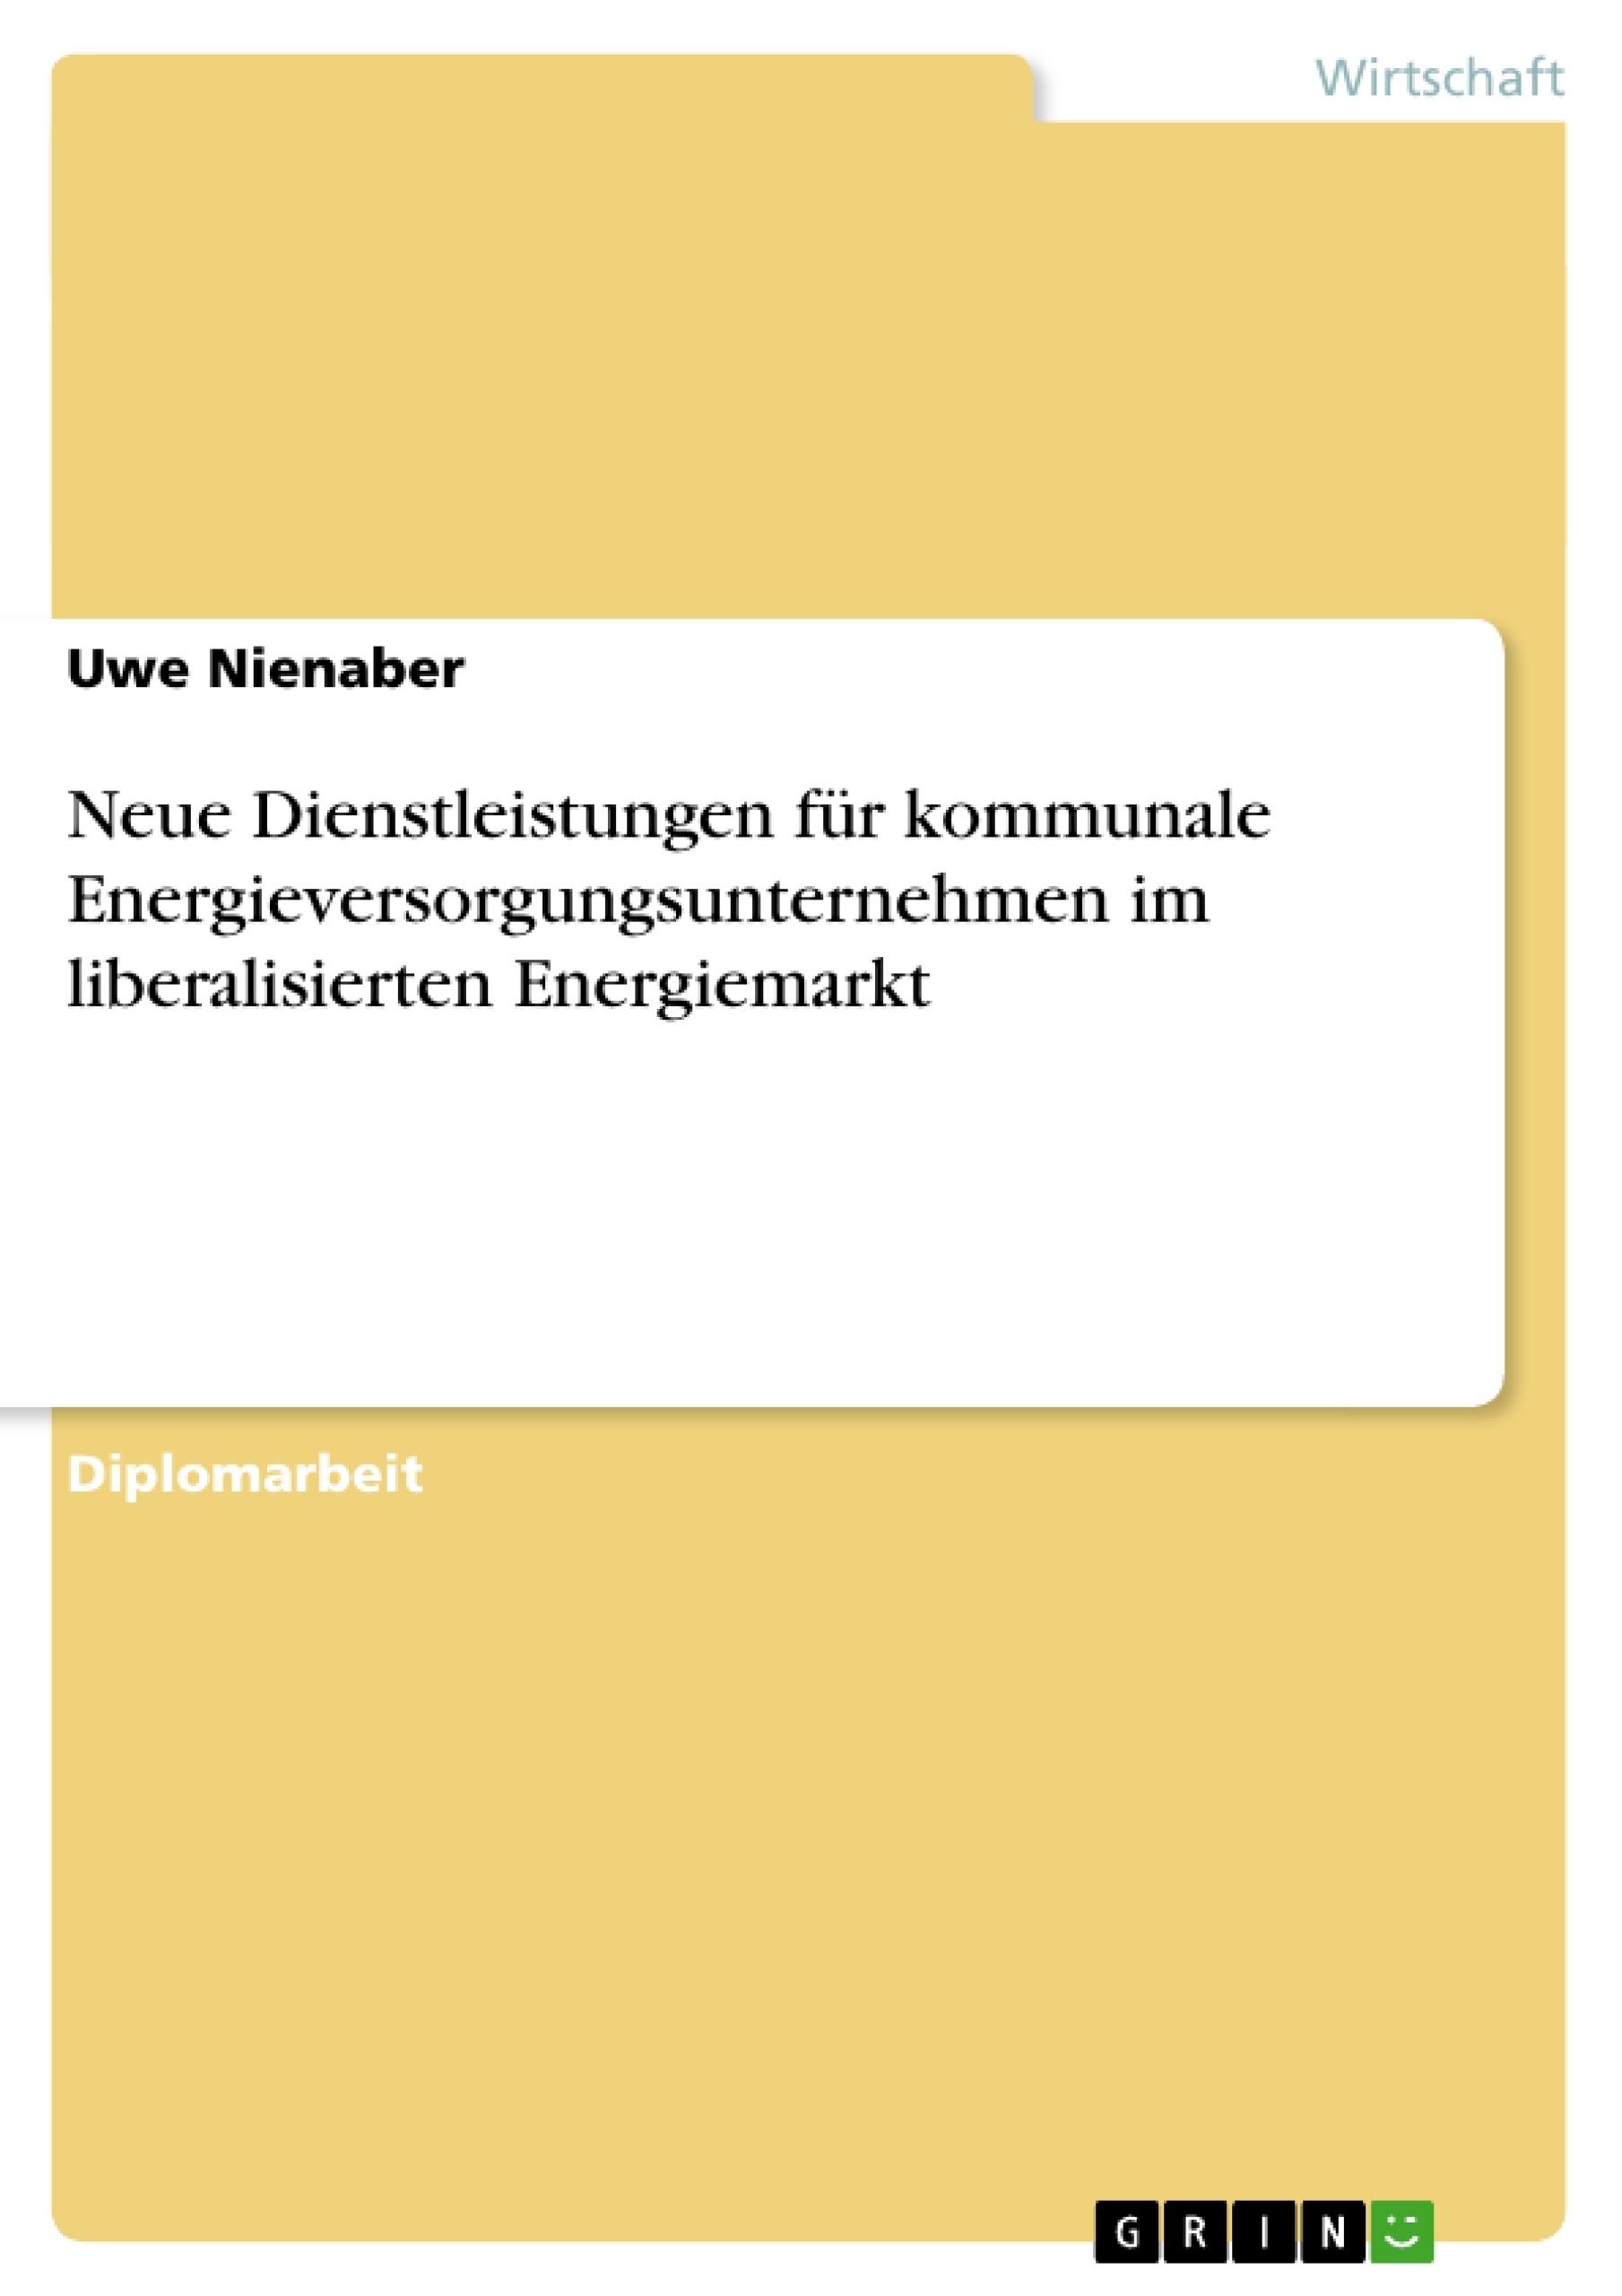 Titel: Neue Dienstleistungen für kommunale Energieversorgungsunternehmen im liberalisierten Energiemarkt